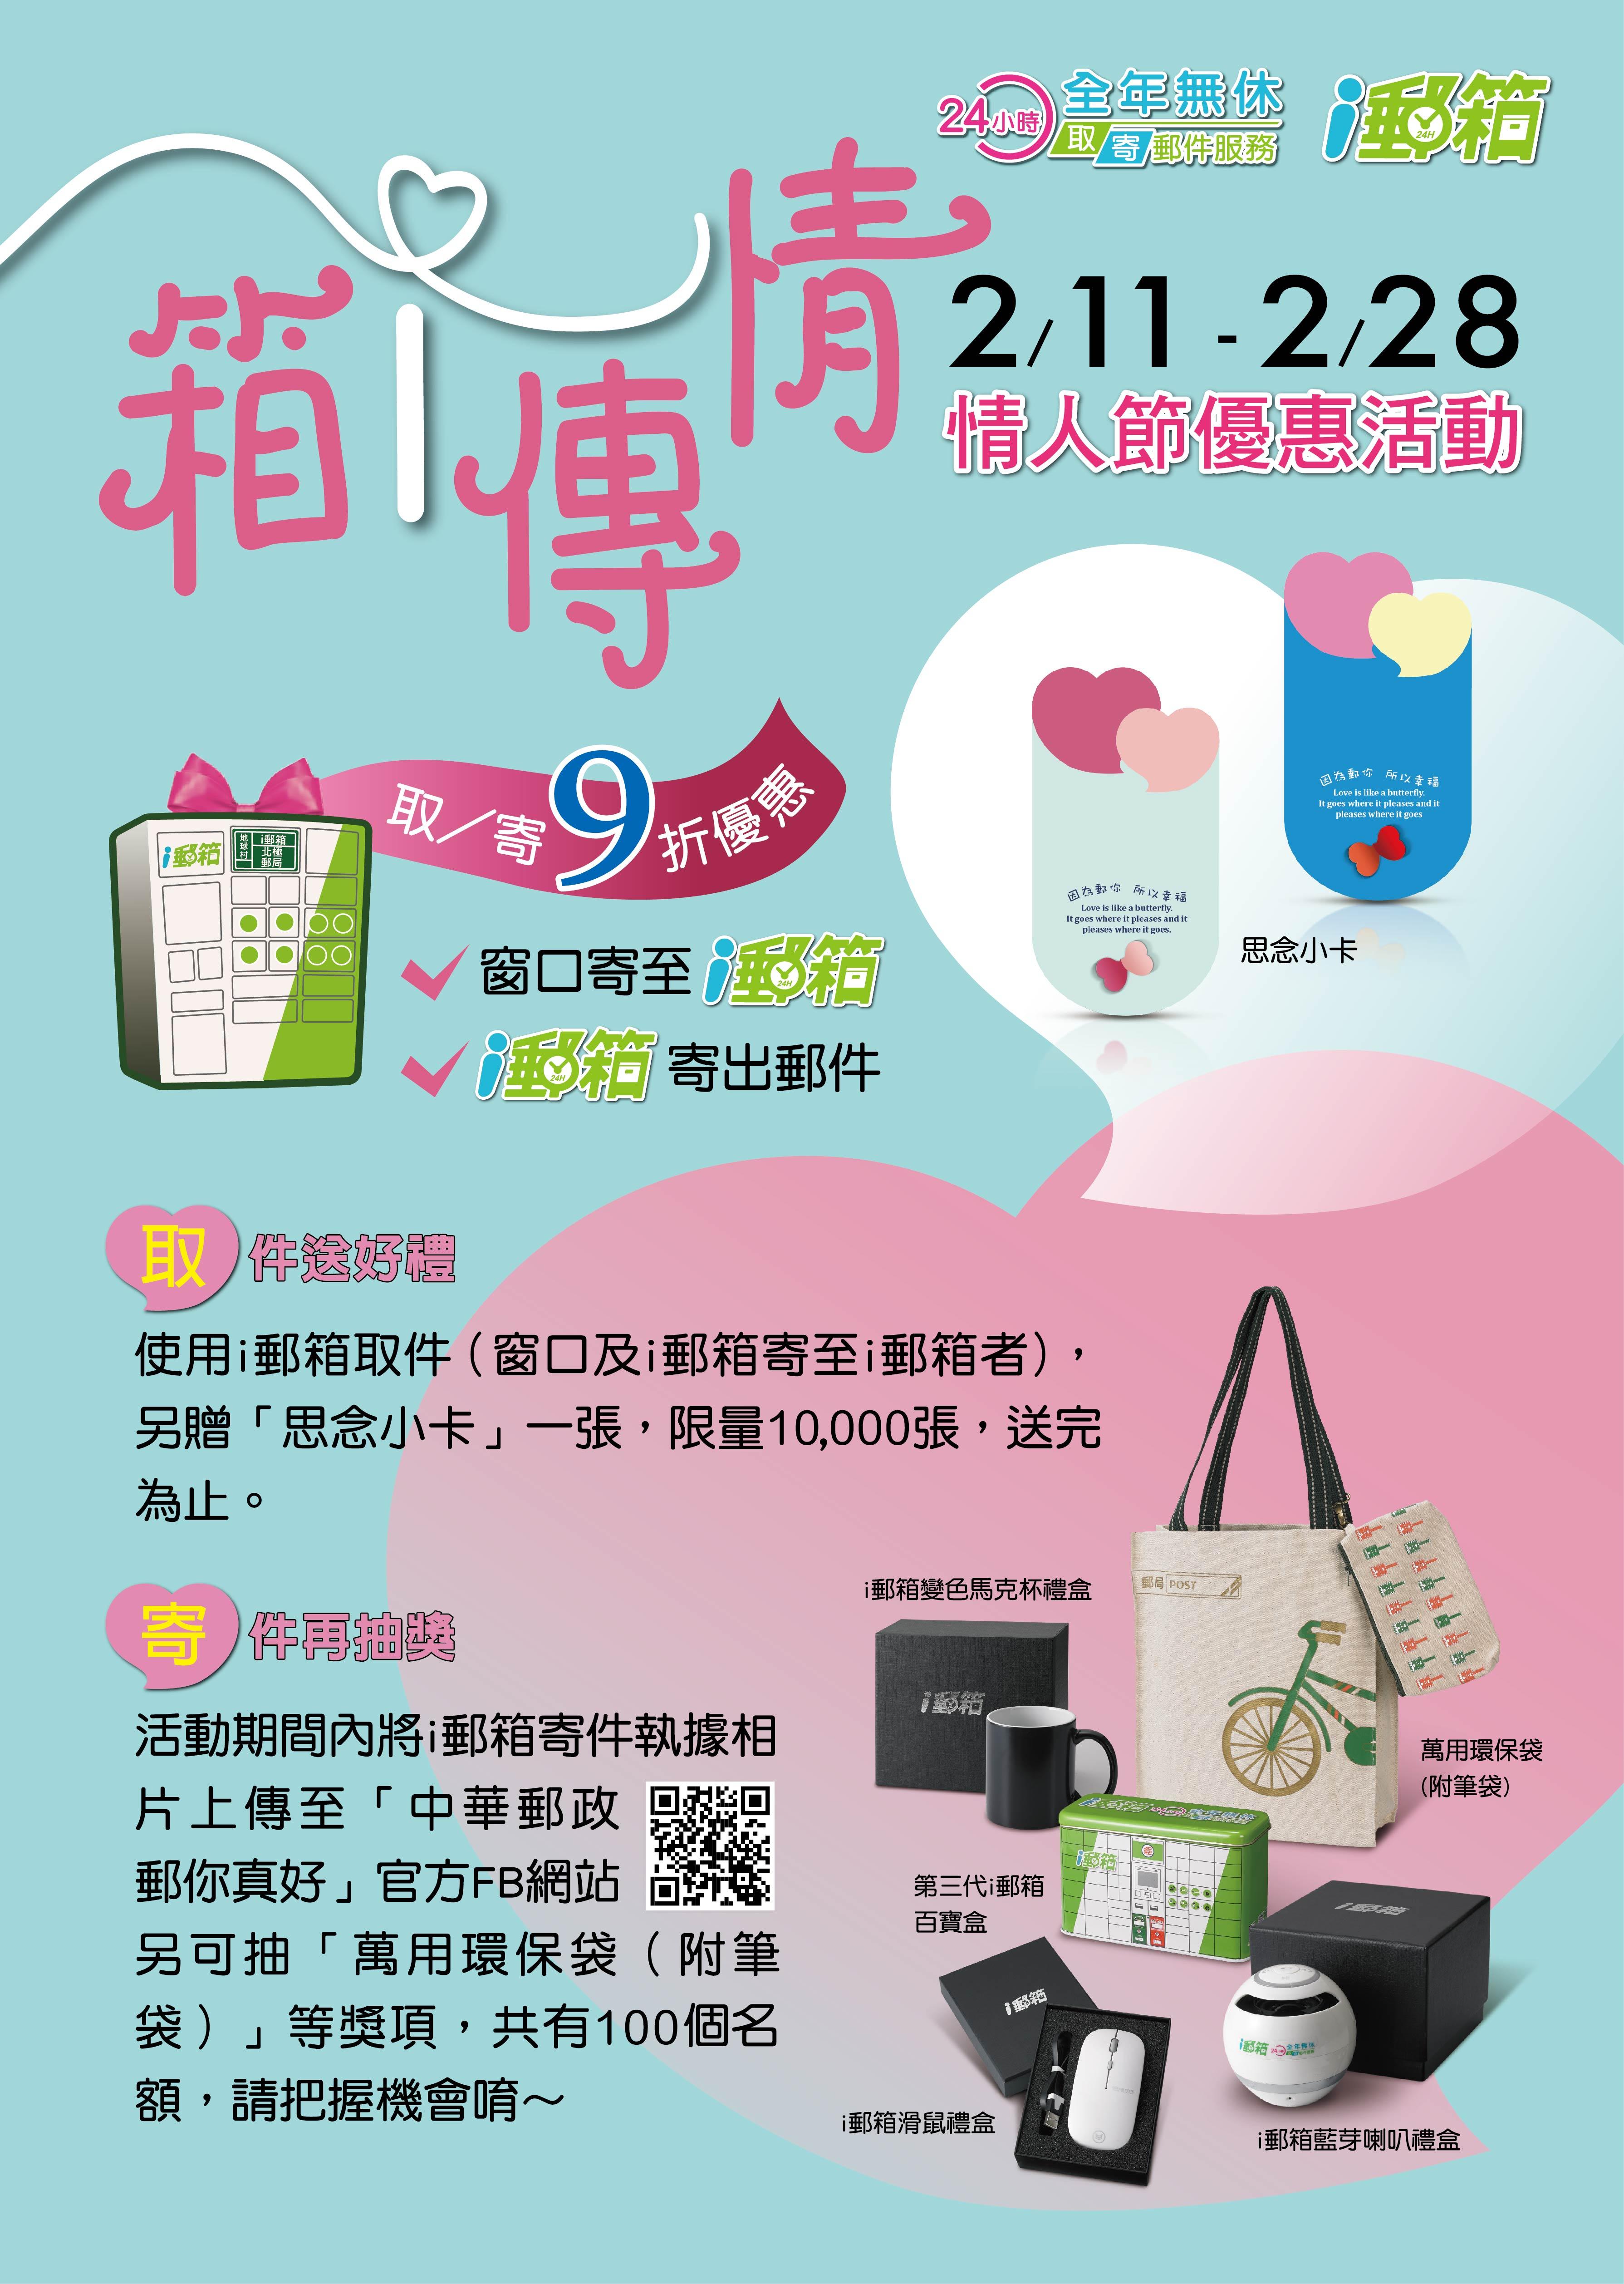 為歡慶西洋情人節,自本(108)年2月11日起至2月28日止舉辦「箱i傳情」優惠促銷暨抽獎活動